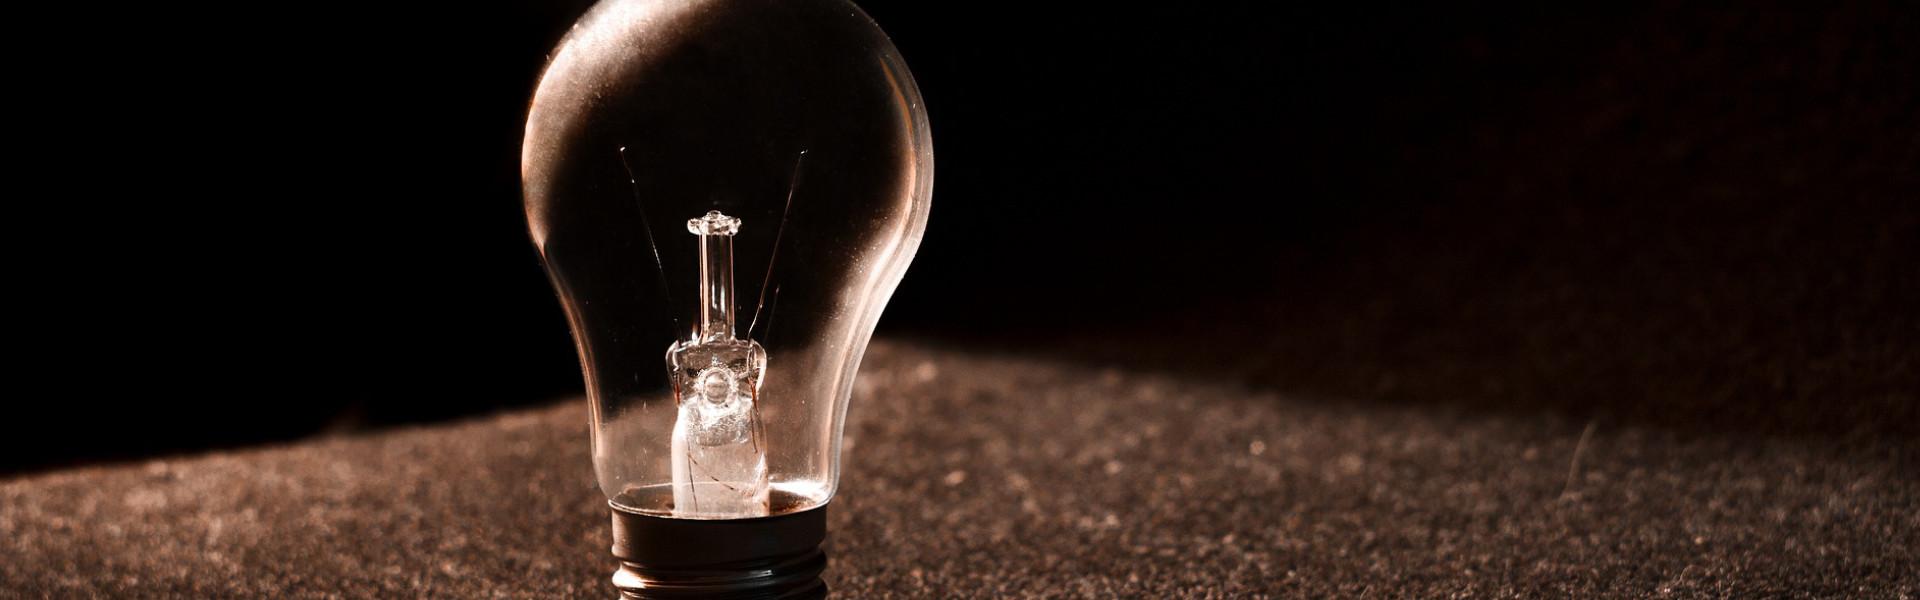 Najważniejsze informacje o jednostkach lumenach i luksach